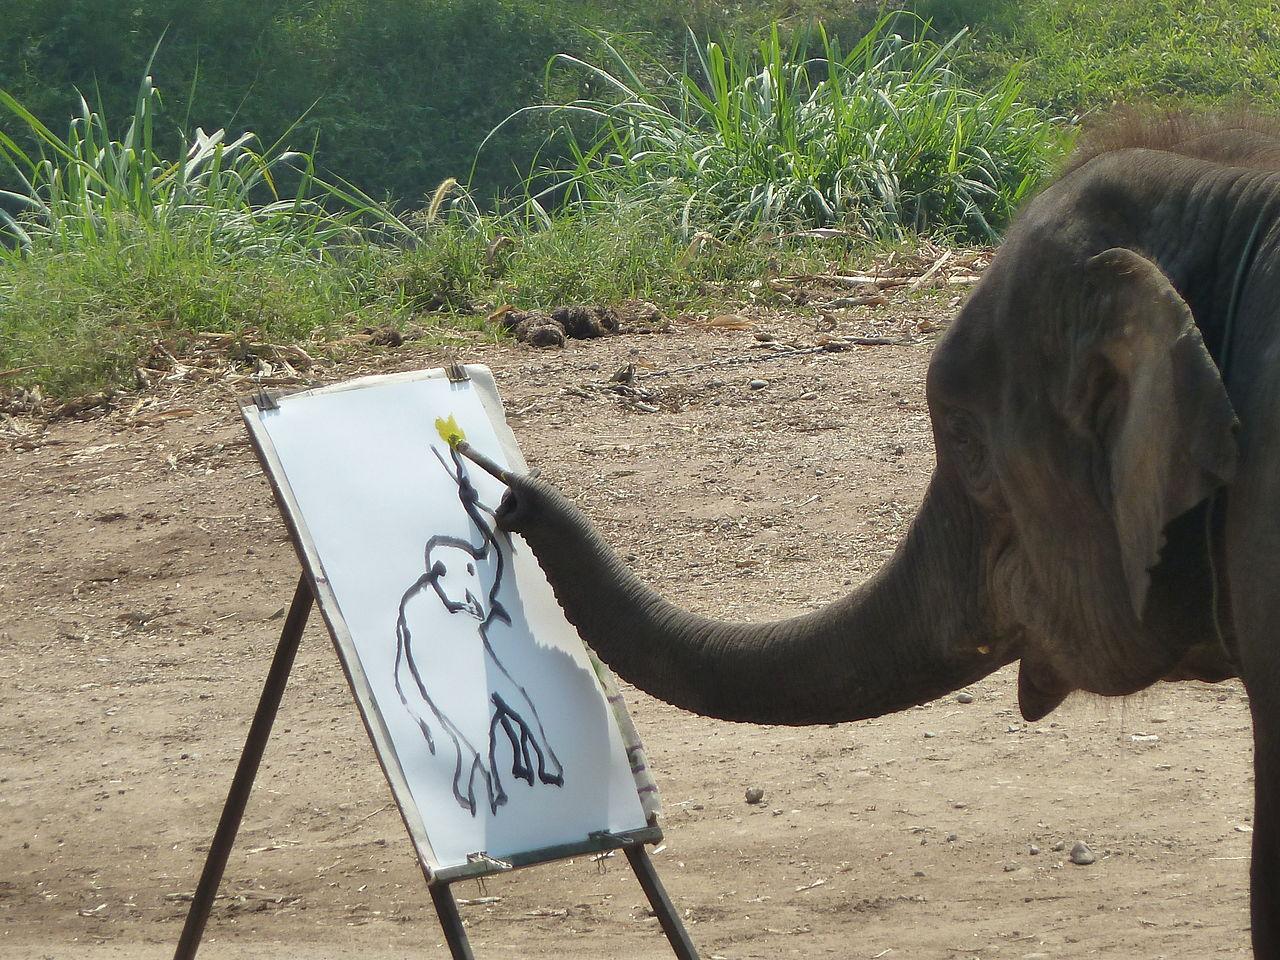 An elephant paints a self-portrait. Image by  Deror Avi .